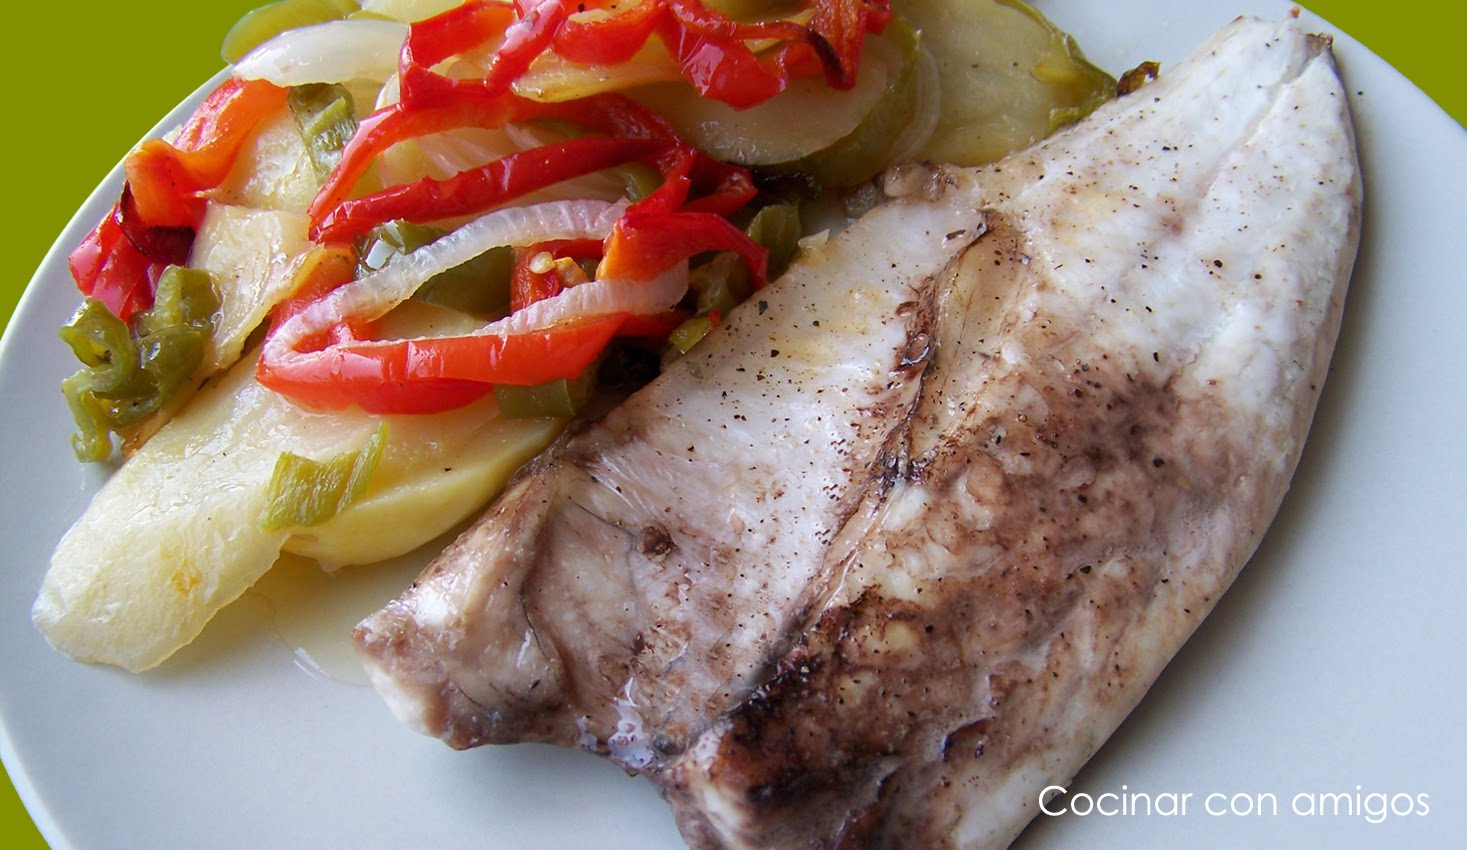 pescado con verduras al horno cocinar con amigos